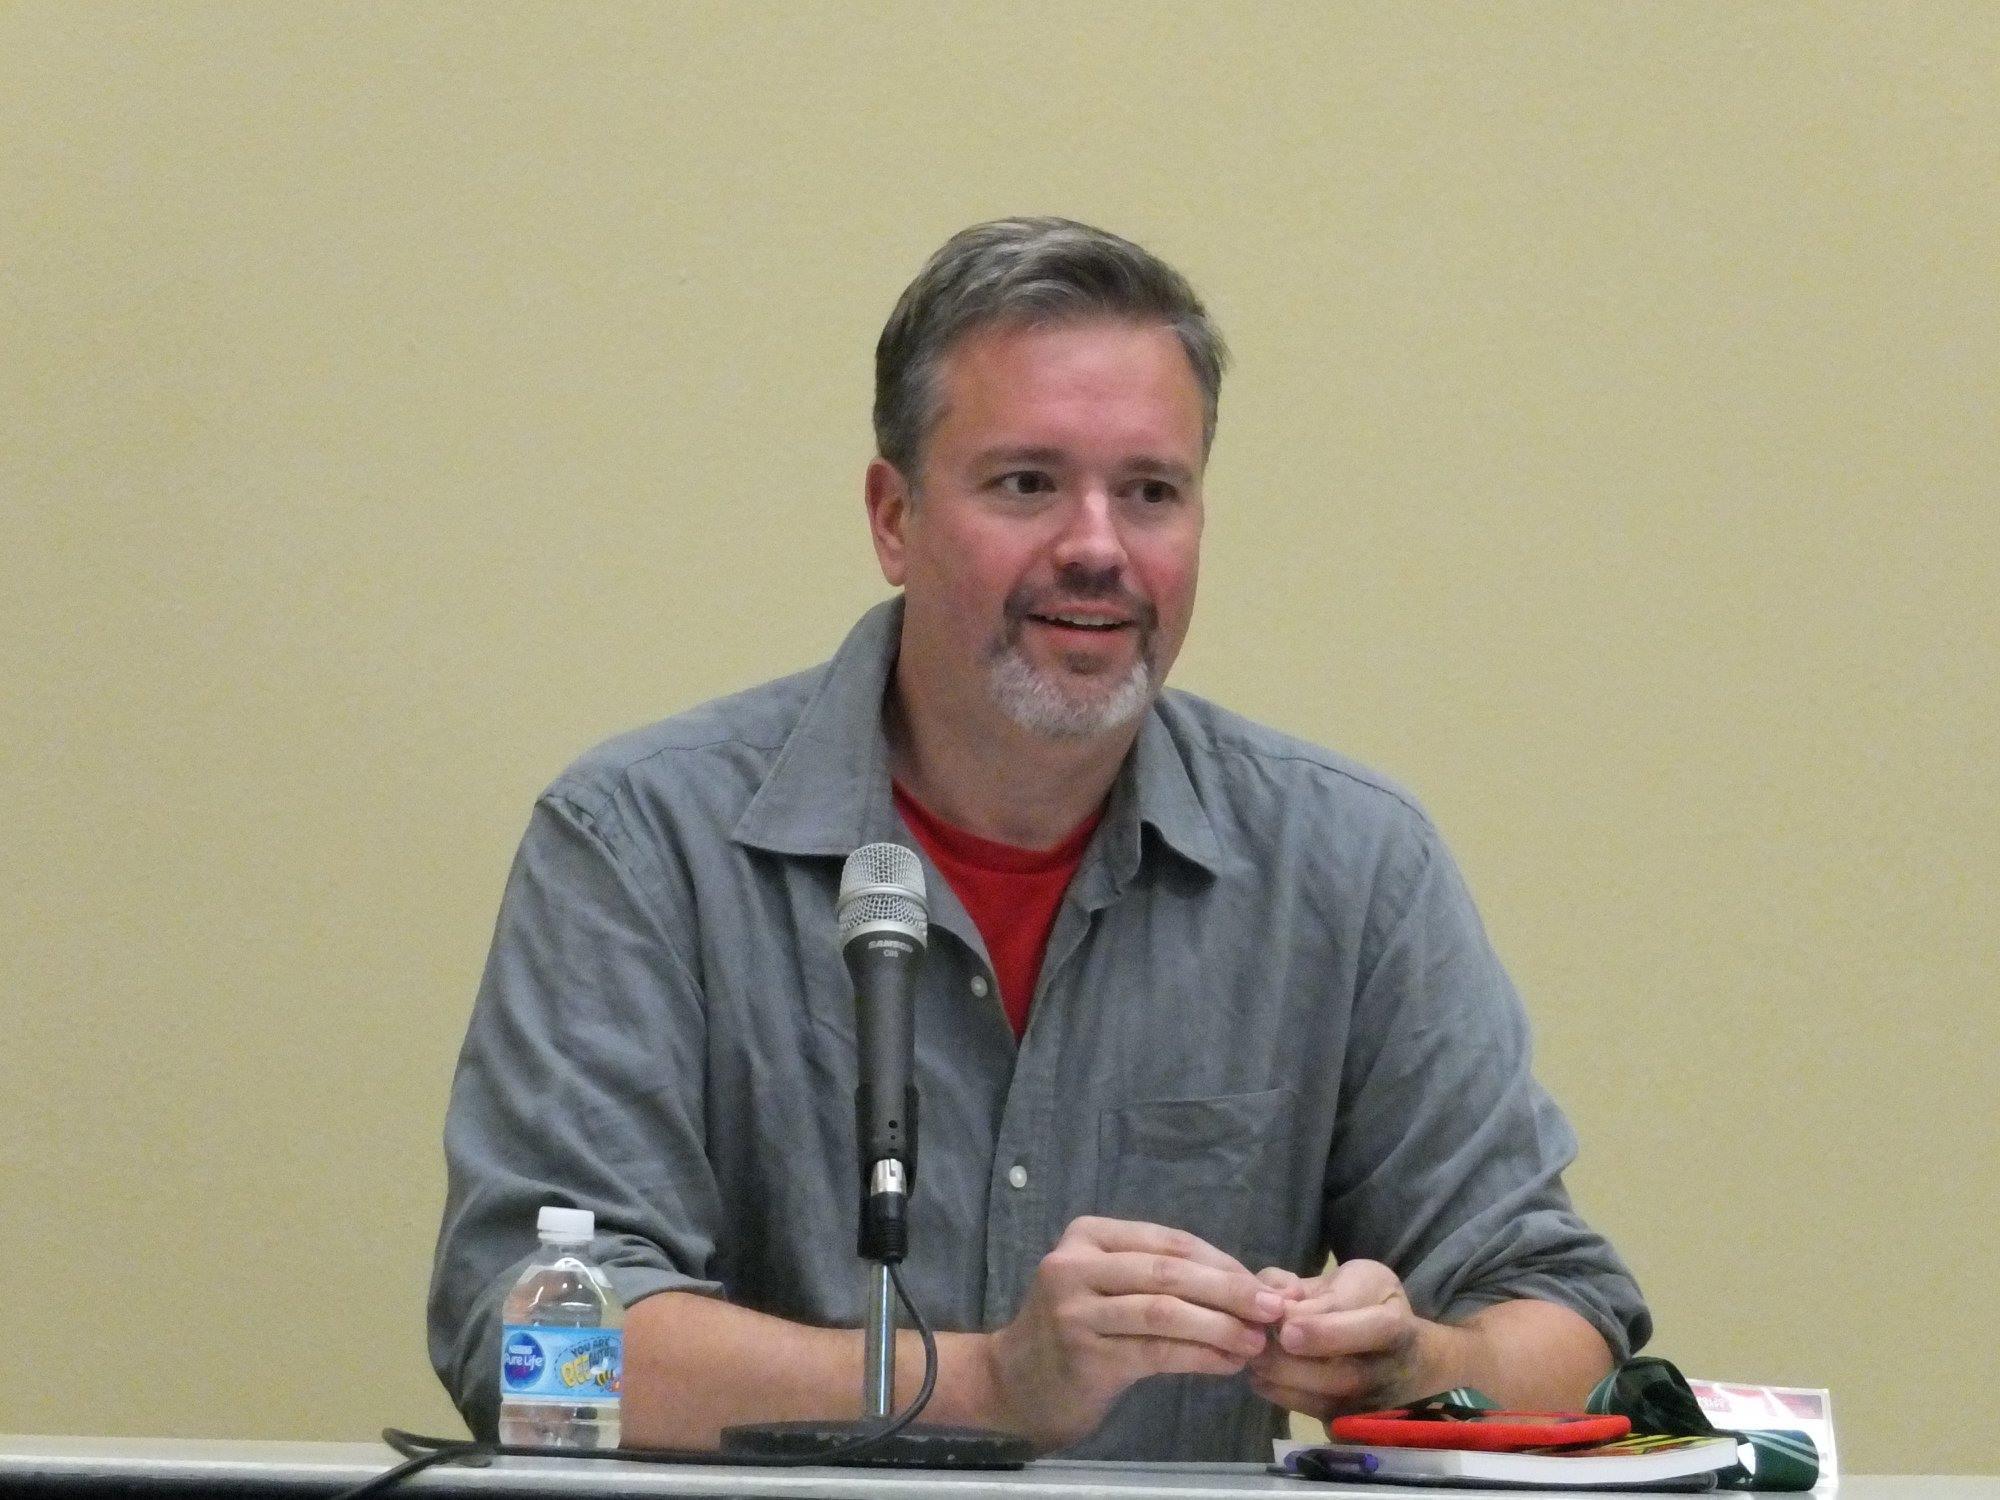 Thom Zahler at Baltimore Comic Con 2018.